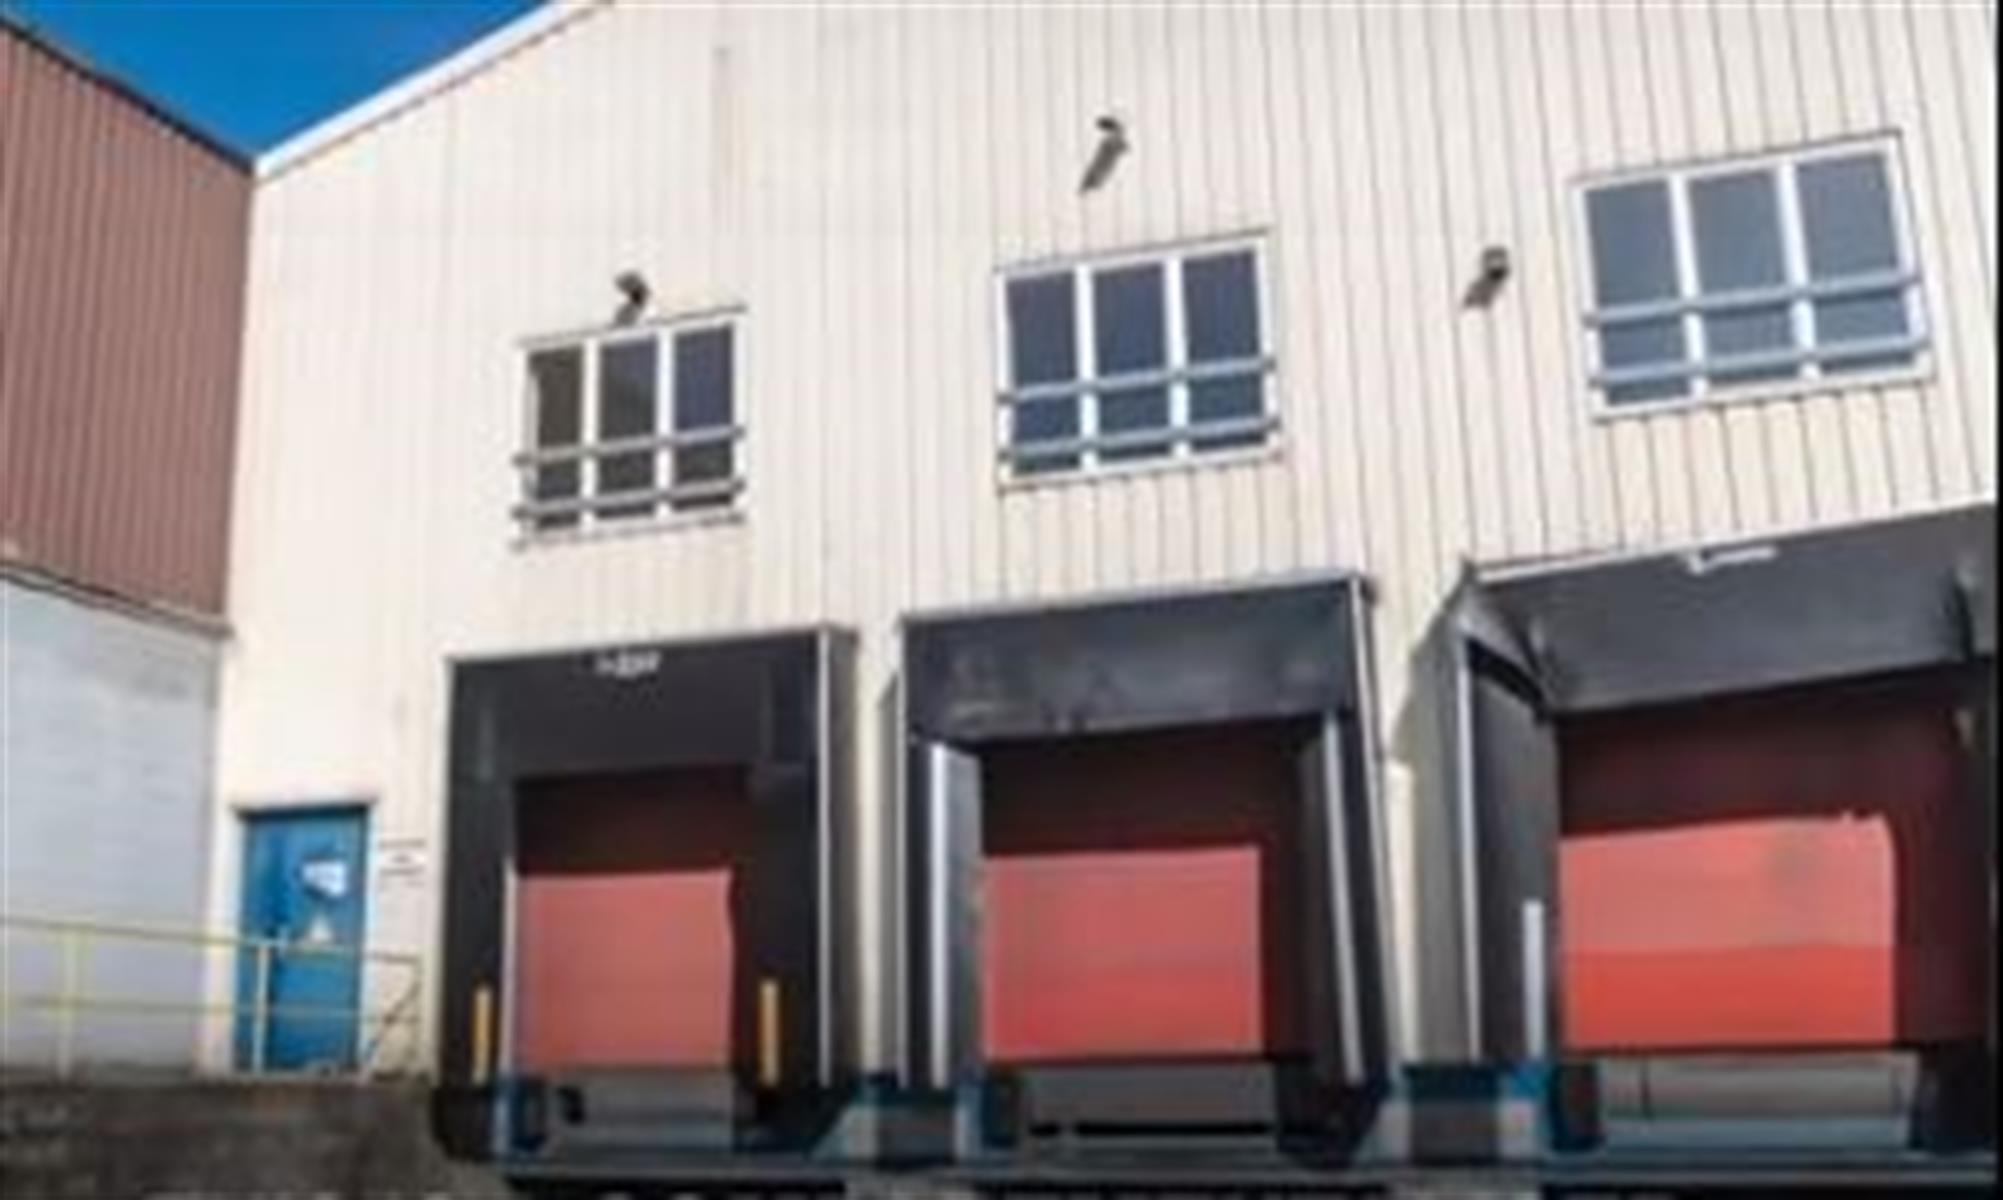 kantoren & magazijn te huur UNIT 1 : magazijn (1.481 m²), 2 loading docks, kantoor (78 m²) Willem Elsschotstraat 1